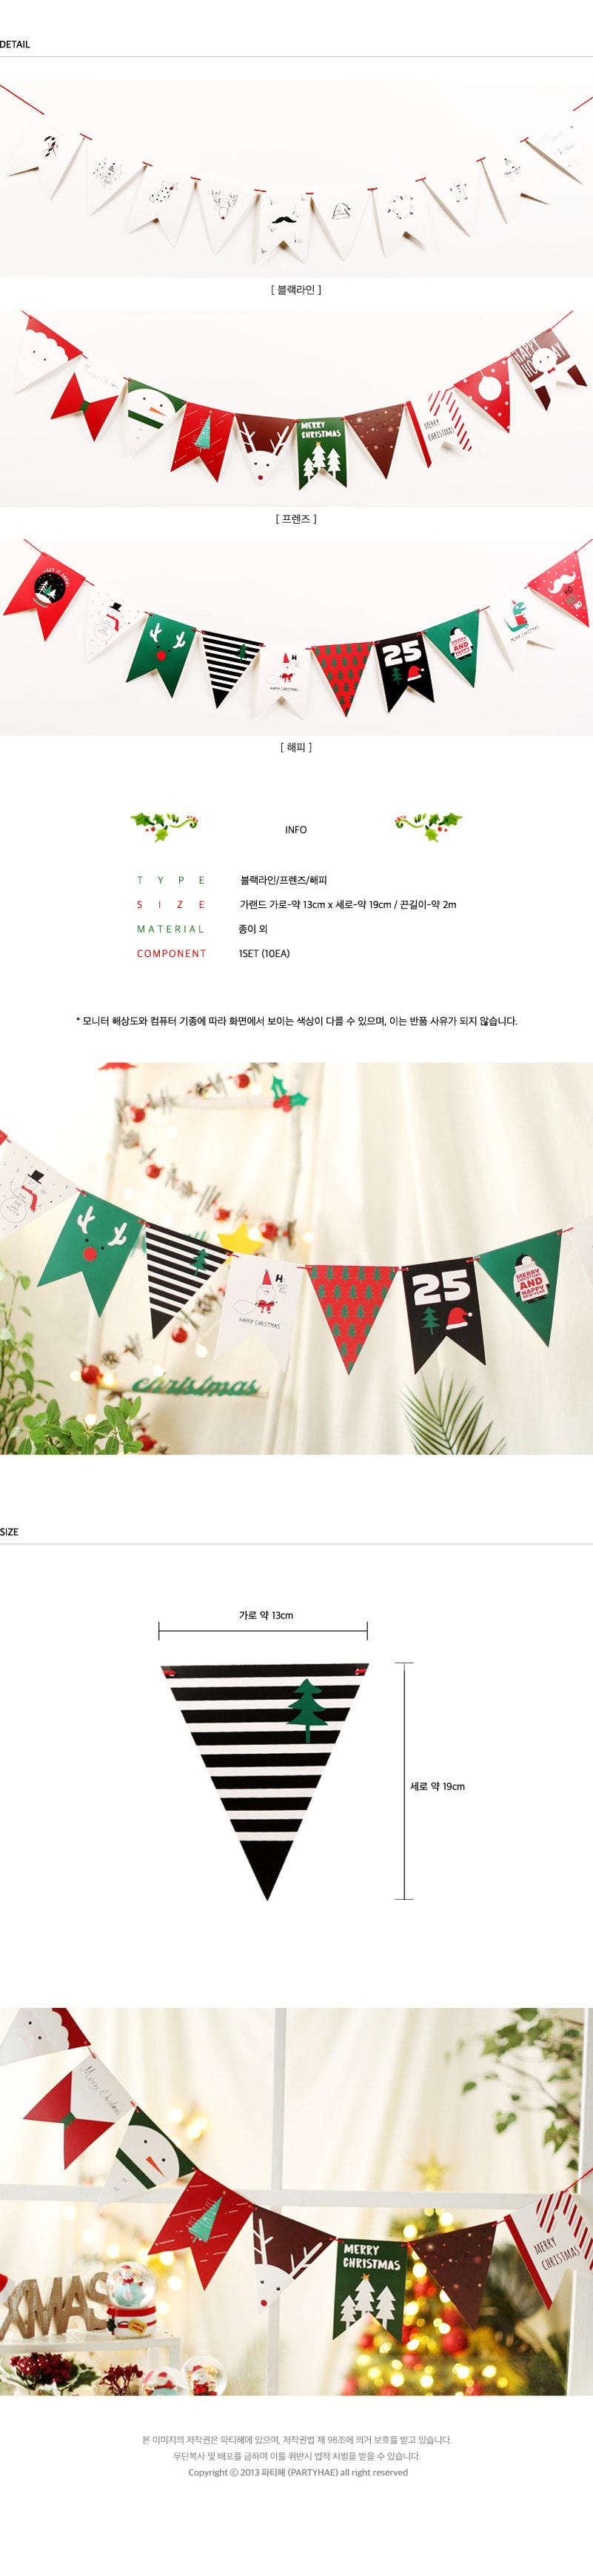 페이퍼 크리스마스 디자인가랜드 (해피) - 파티해, 5,500원, 크리스마스, 가랜드/리스